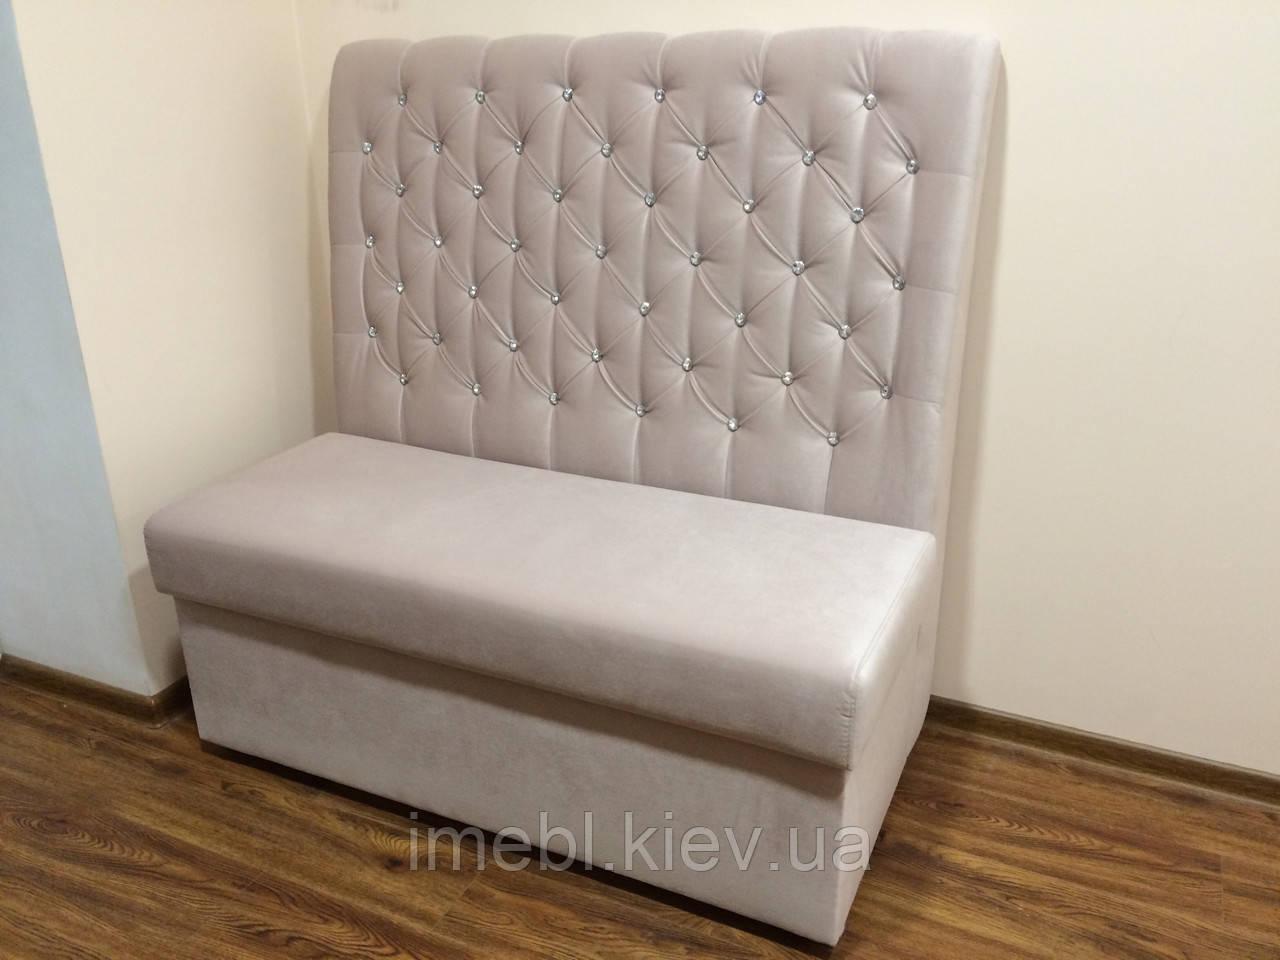 Мягкий кухонный диванчик с ящиком (Розовый)